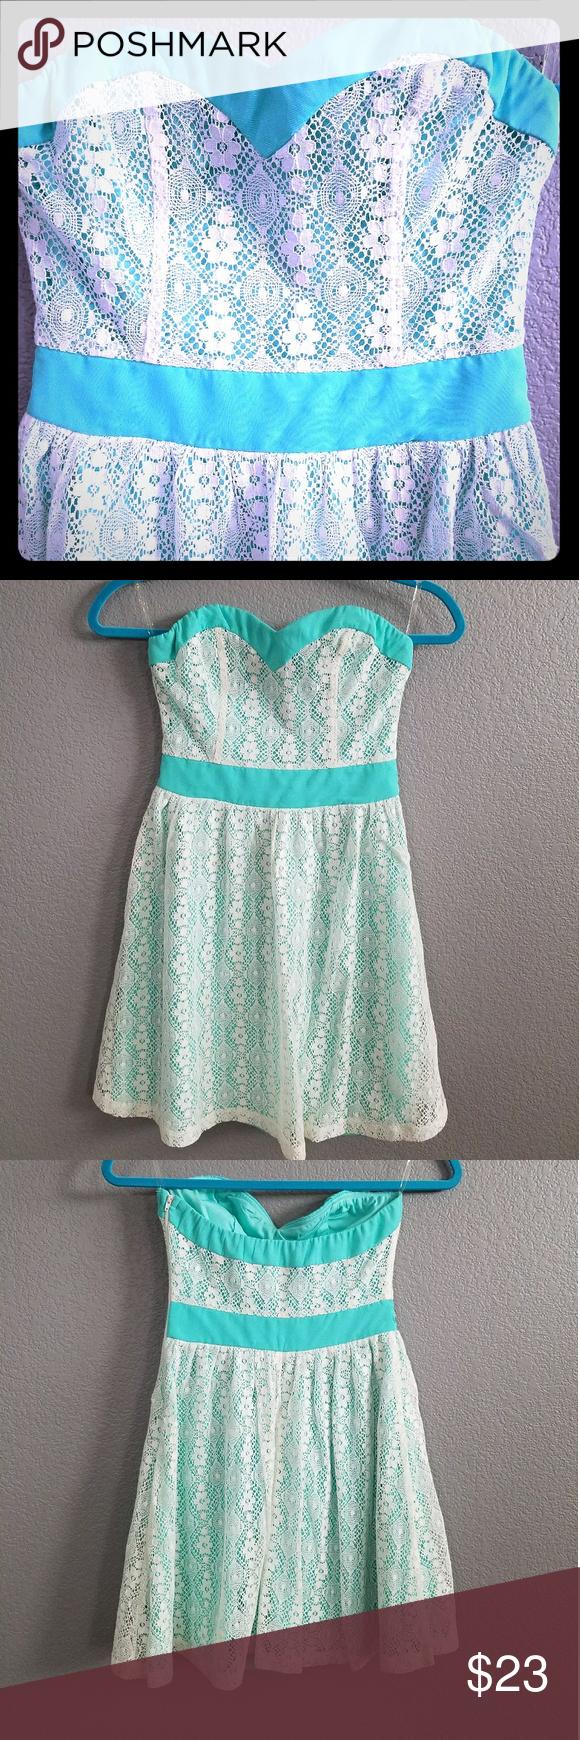 Stapless Wet Seal Summer Dress* NWT